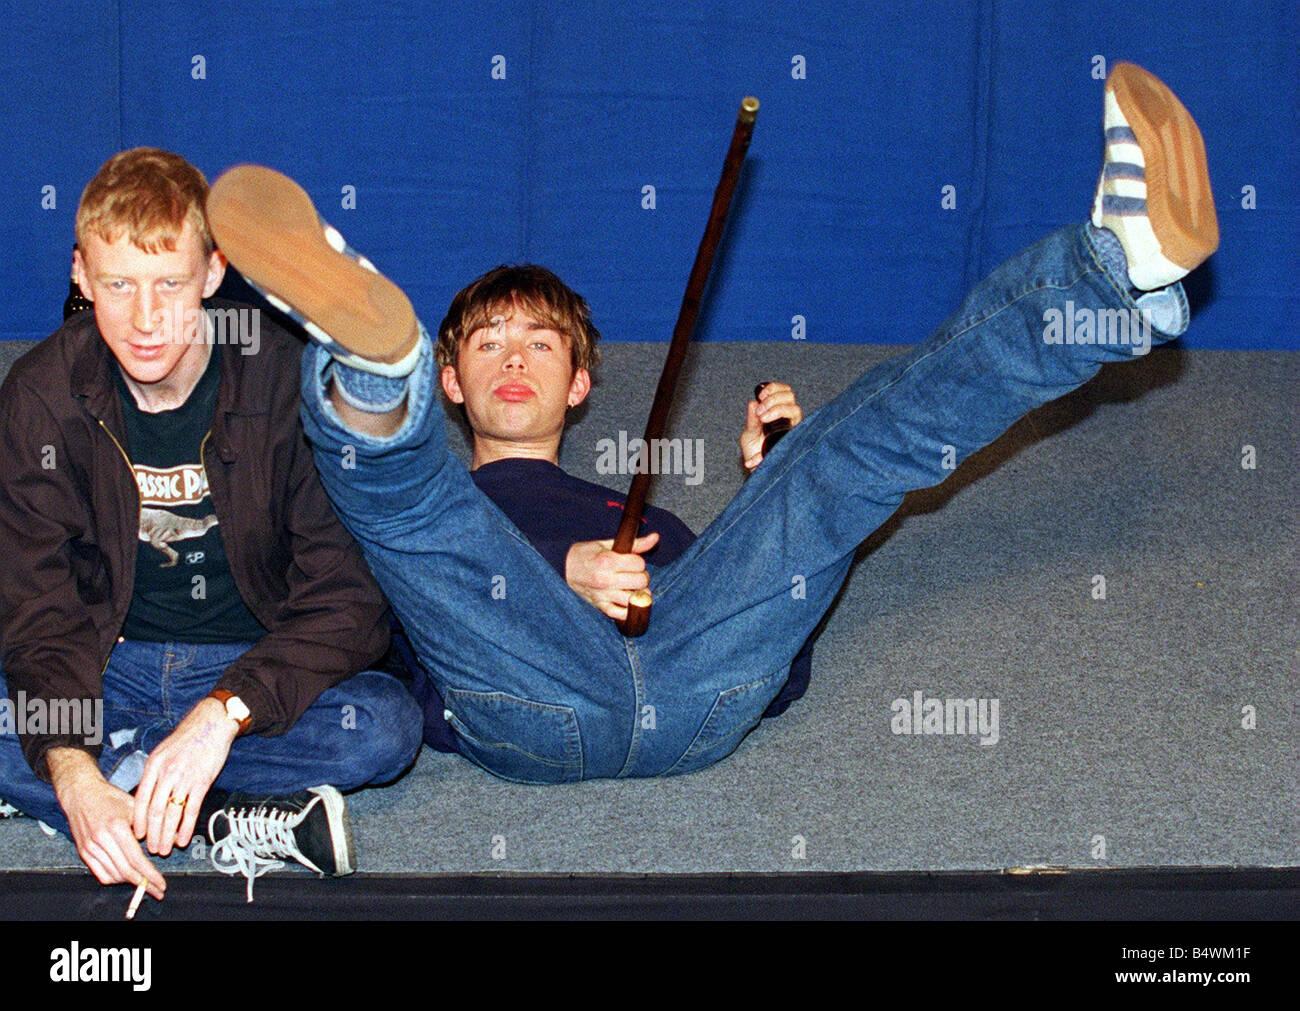 damon albarn lead singer of the pop group blur lying on the floor